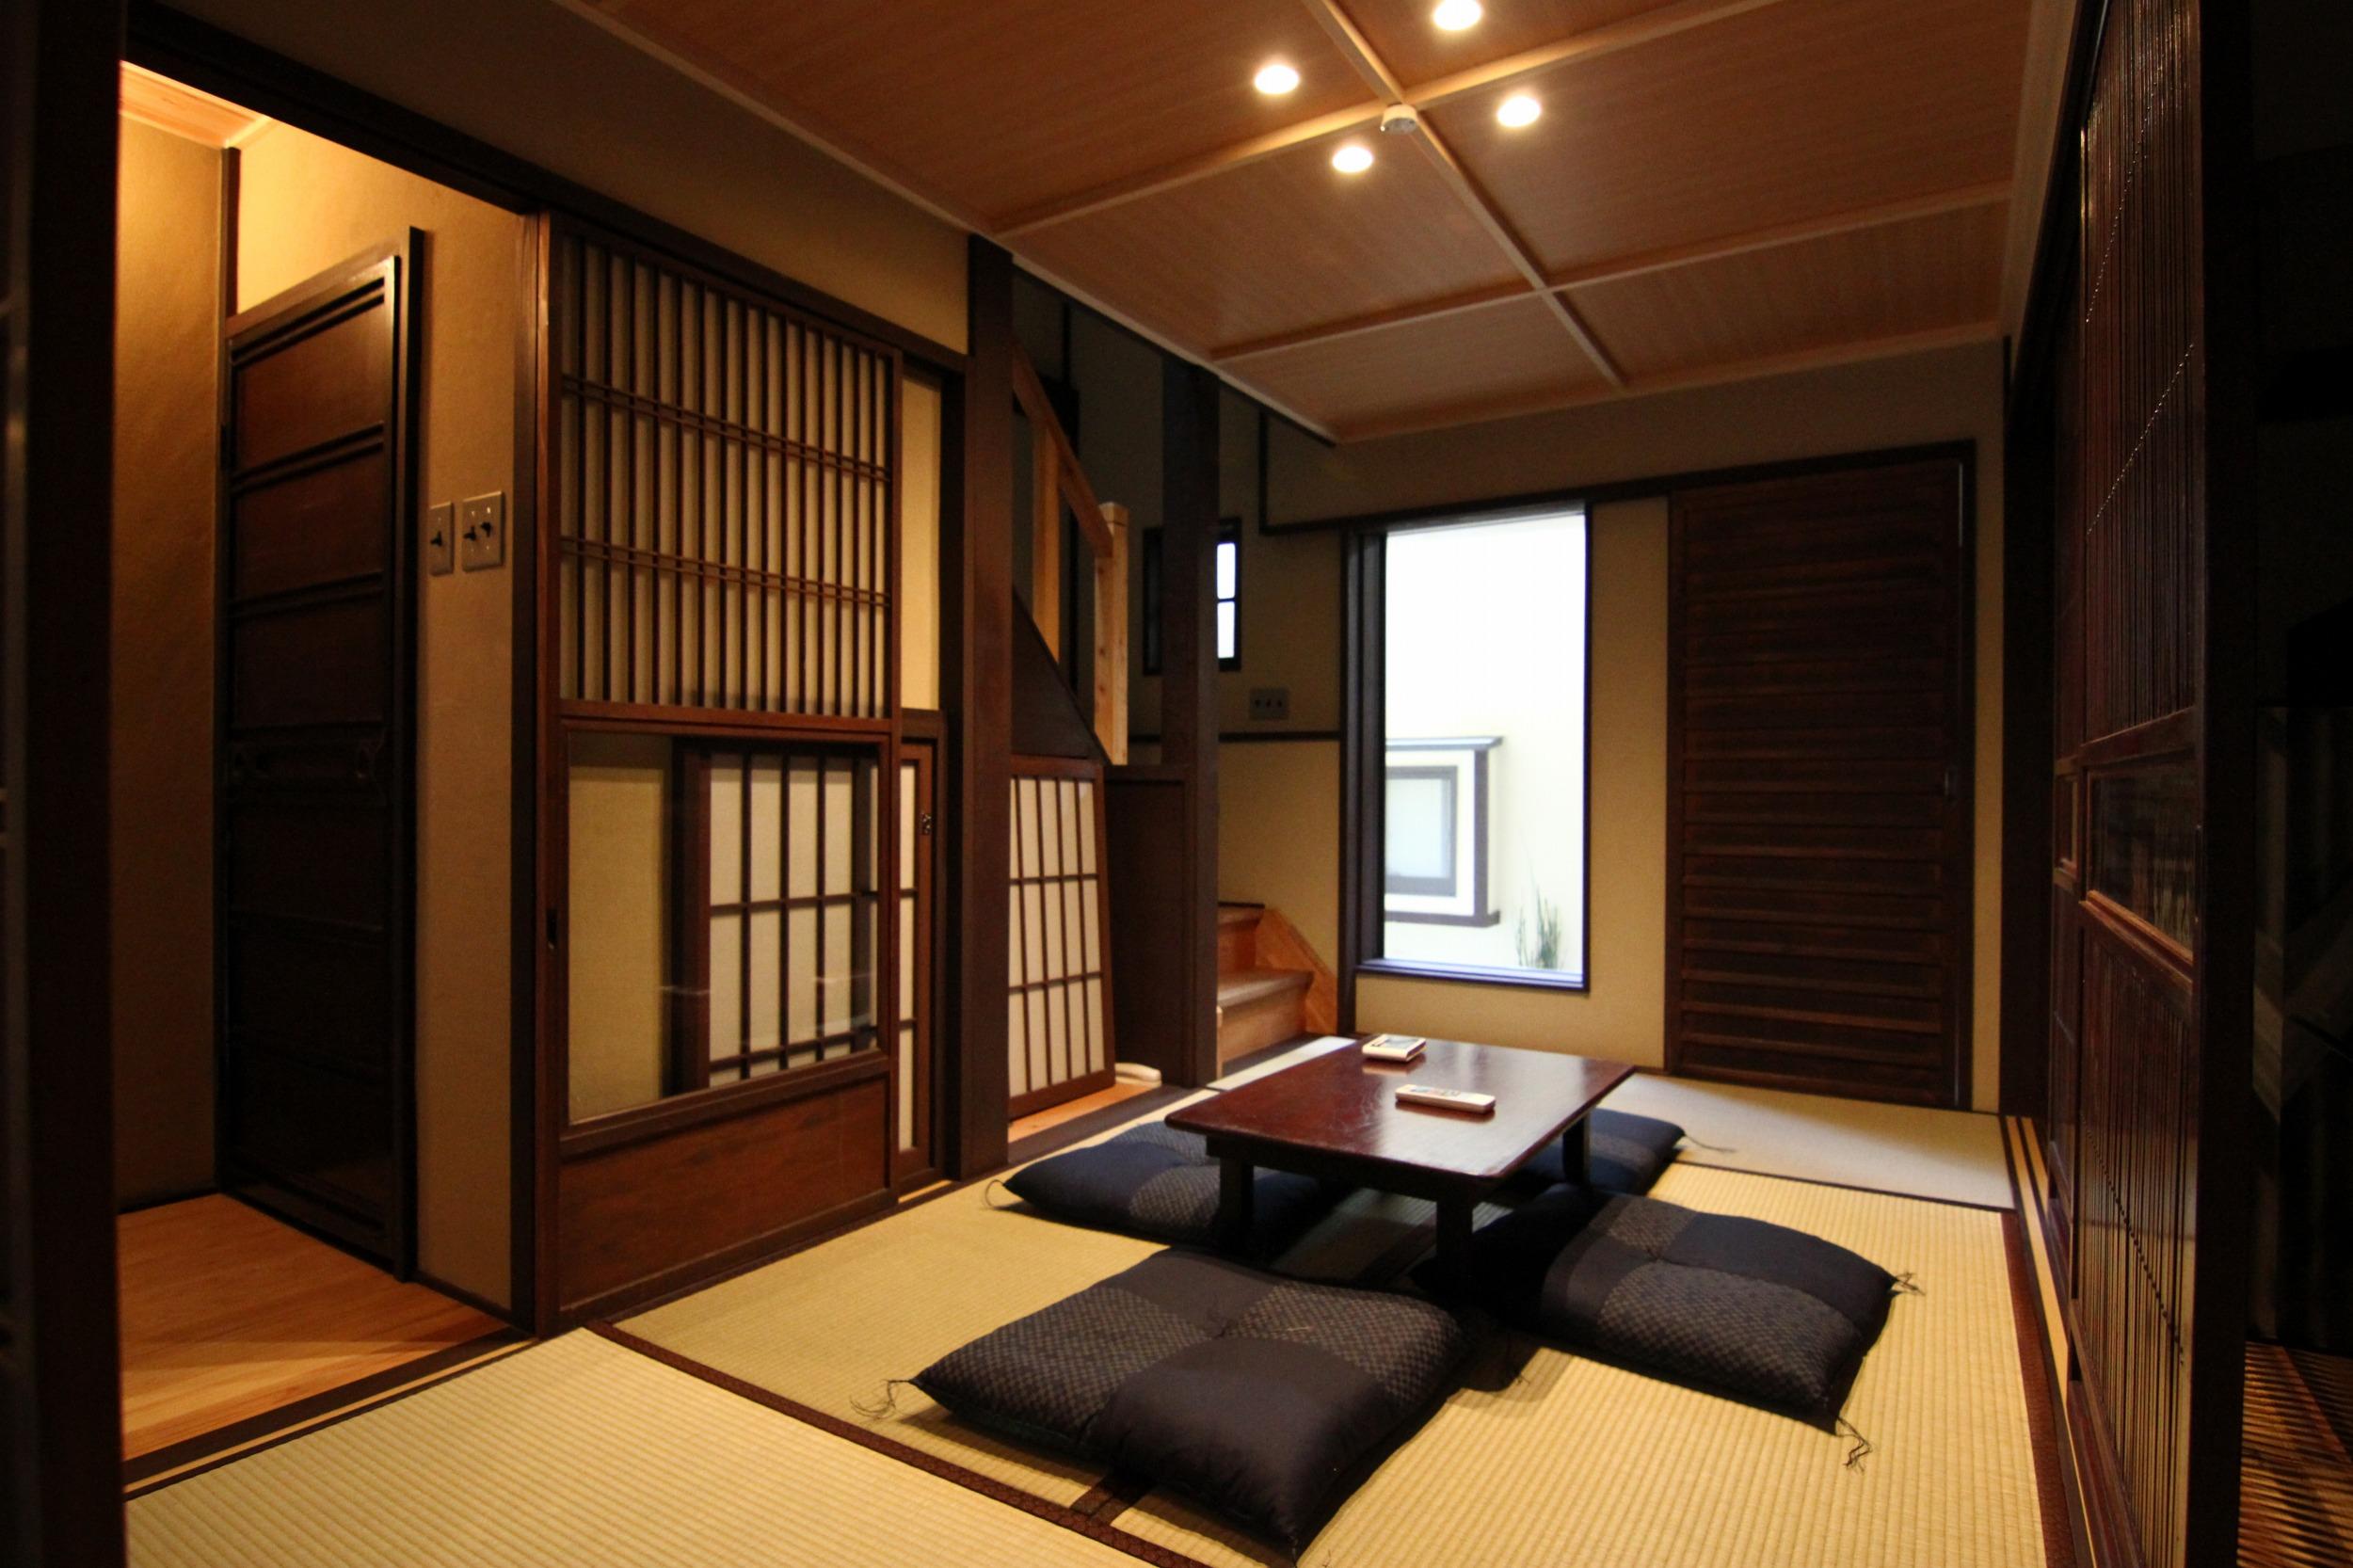 Низкий столик в центре комнаты и подушки вместо стульев - непременные атрибуты гостиной в Японии